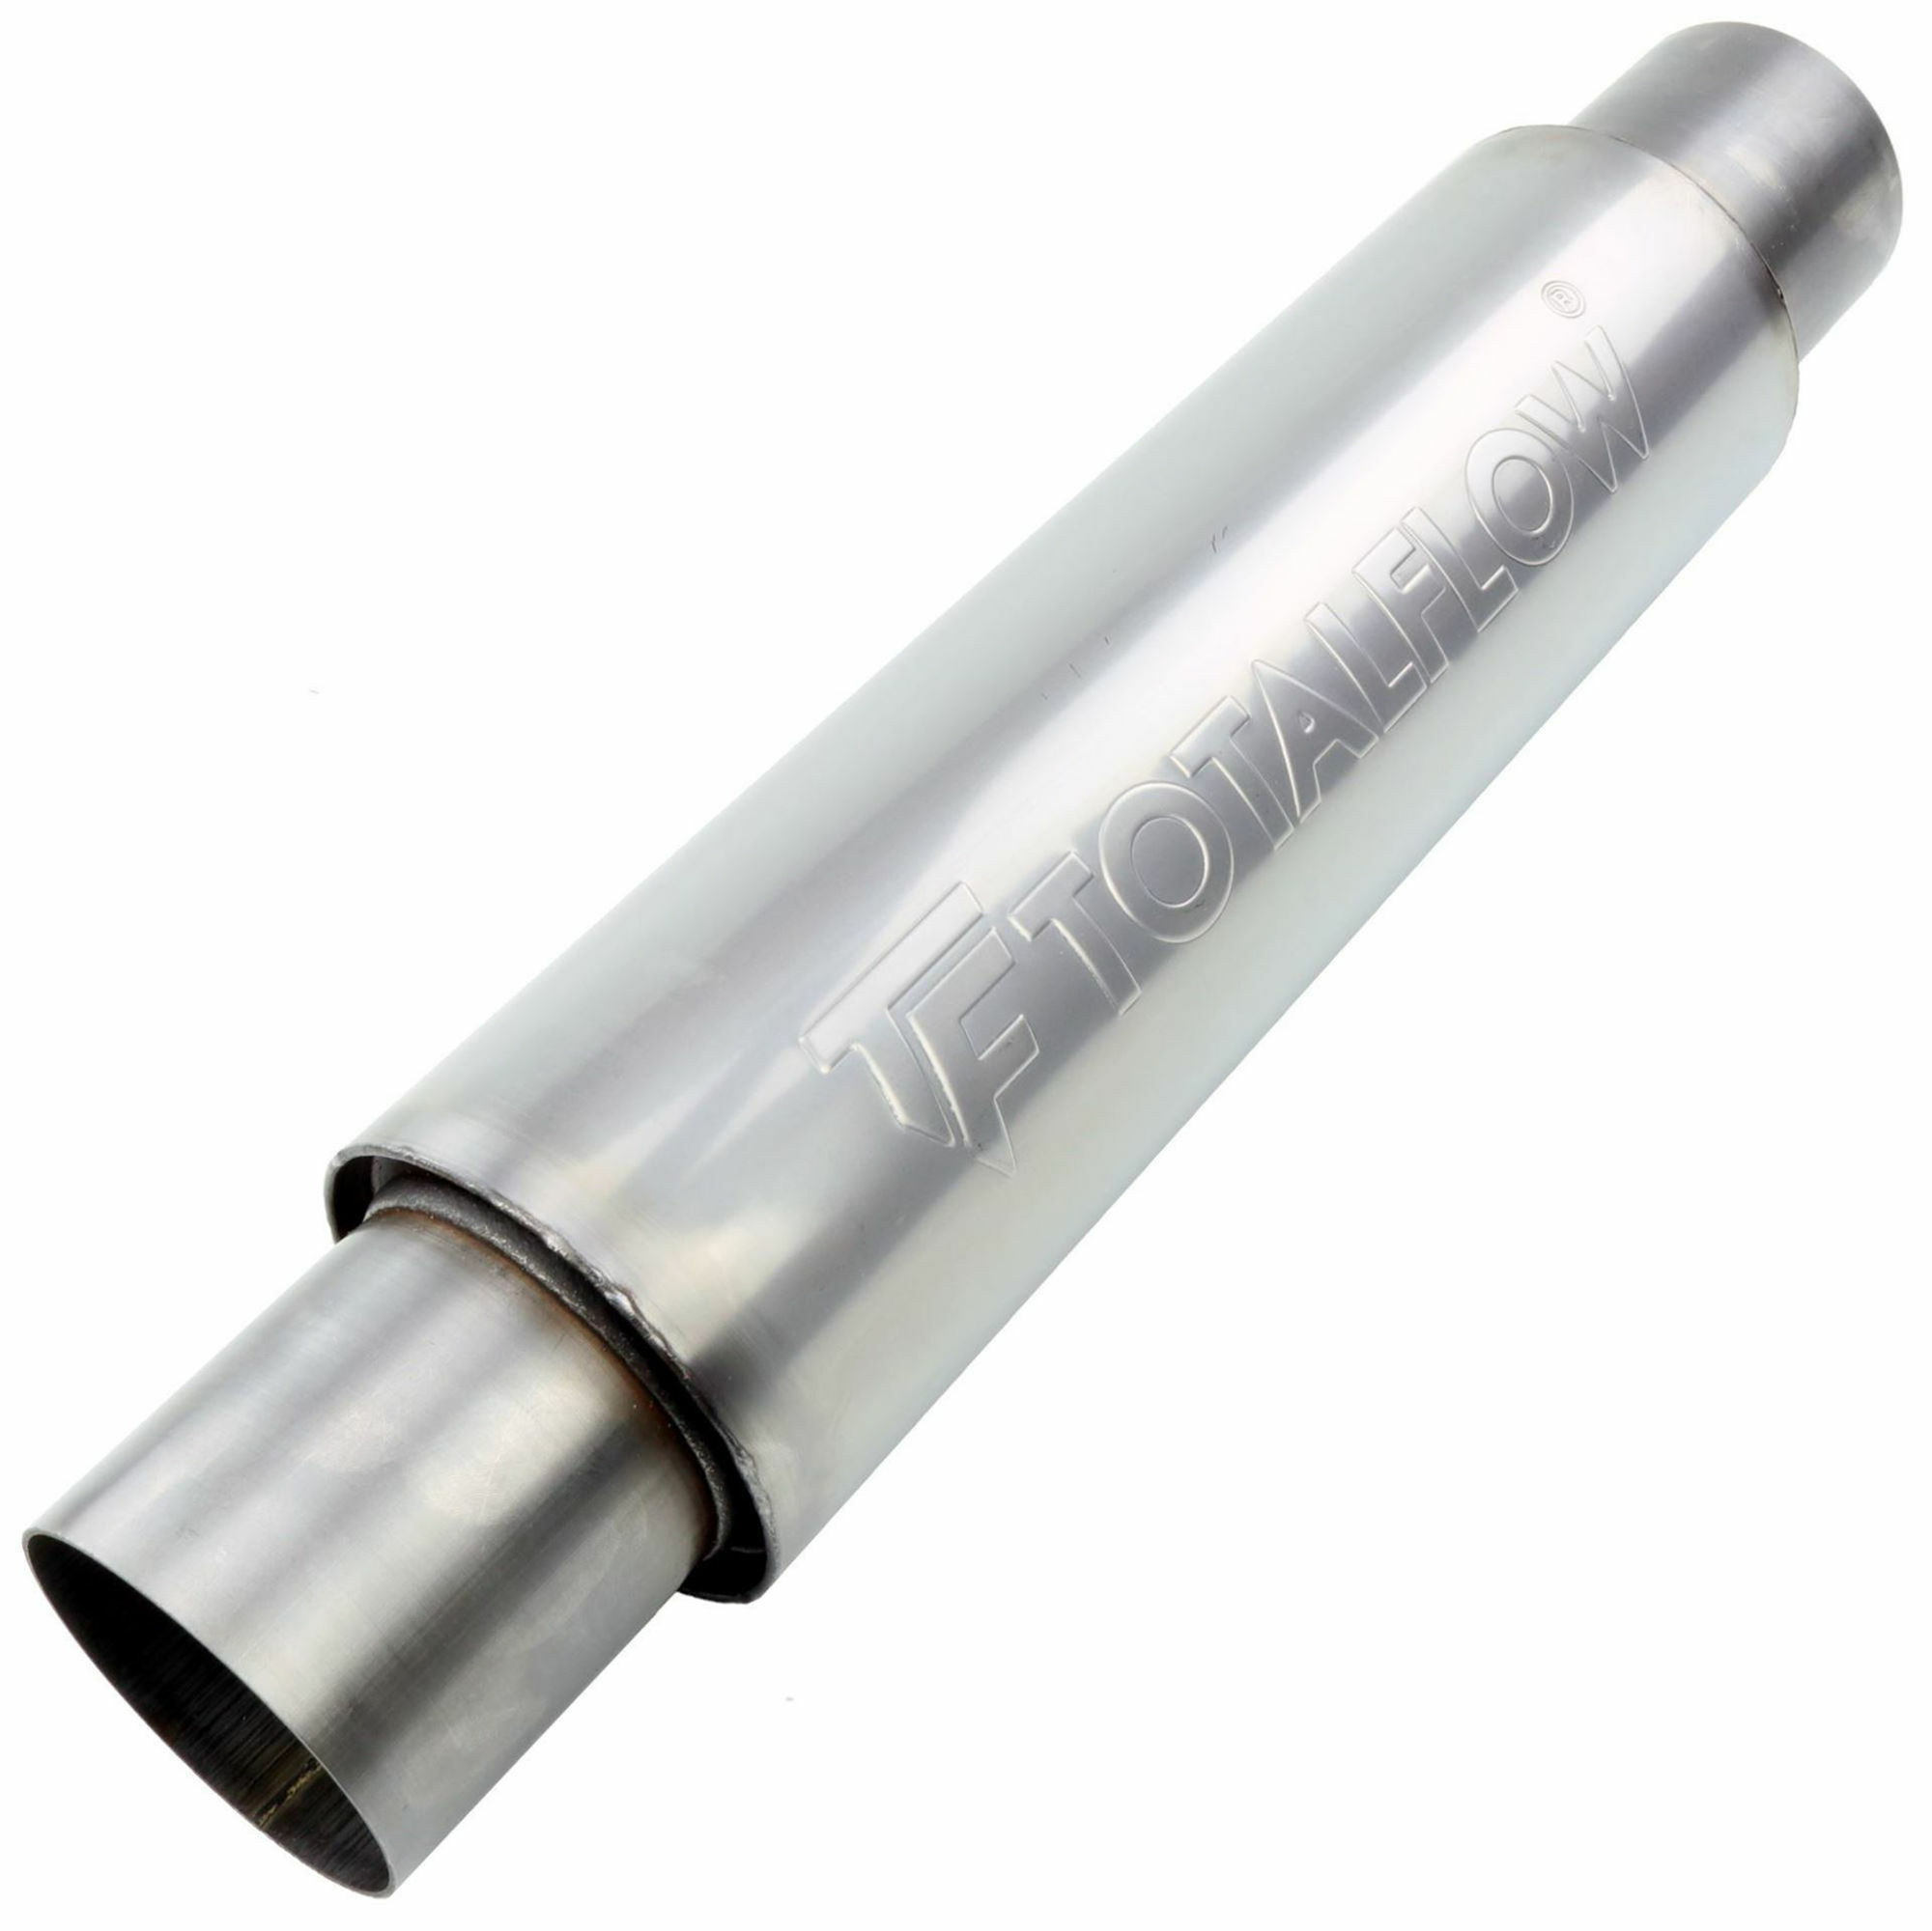 TOTALFLOW 22215 Straight Through Universal Exhaust Muffler - 2.25 Inch ID